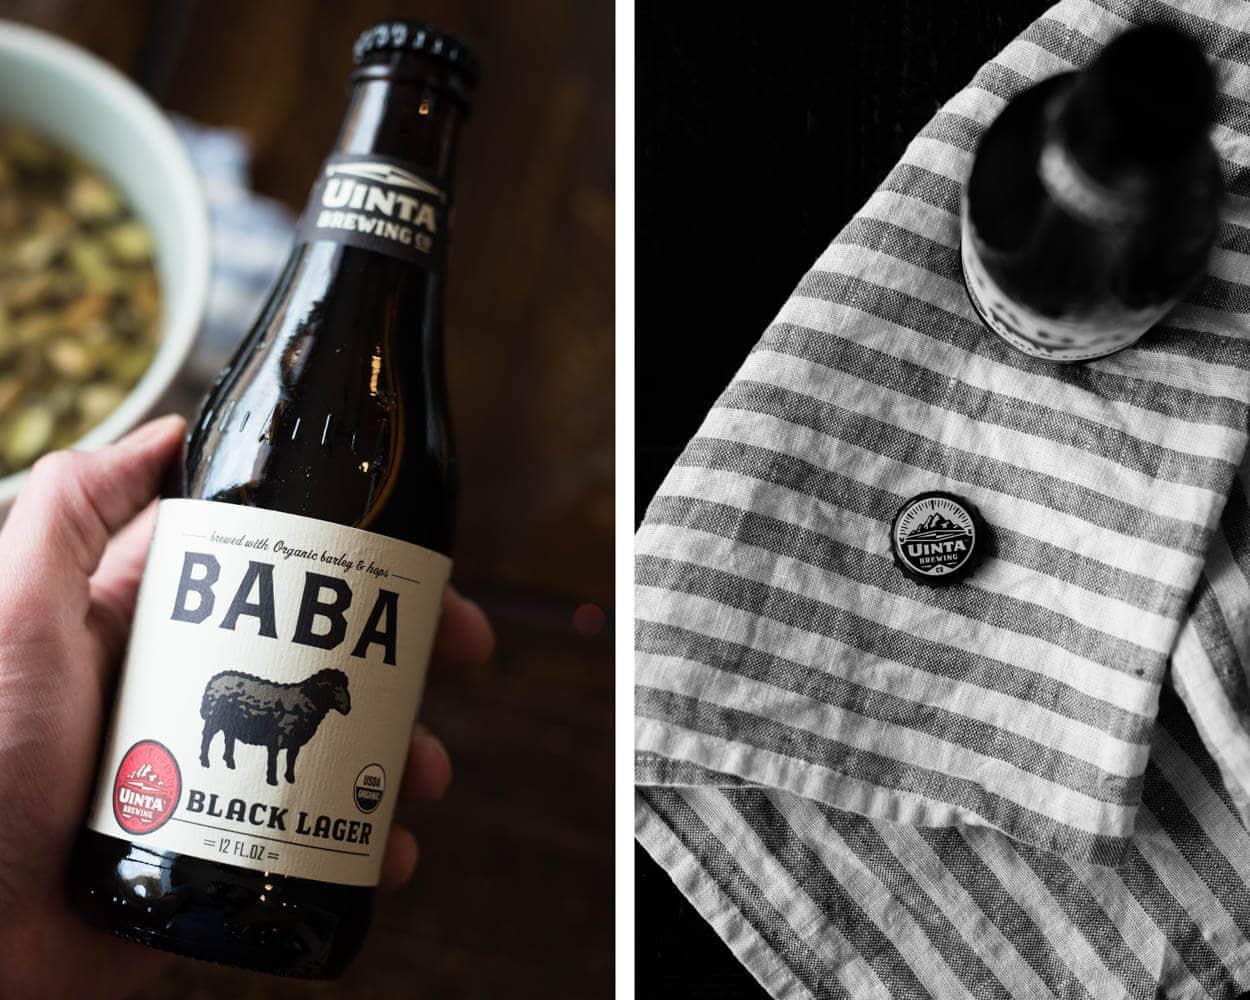 unitas dark lager beer